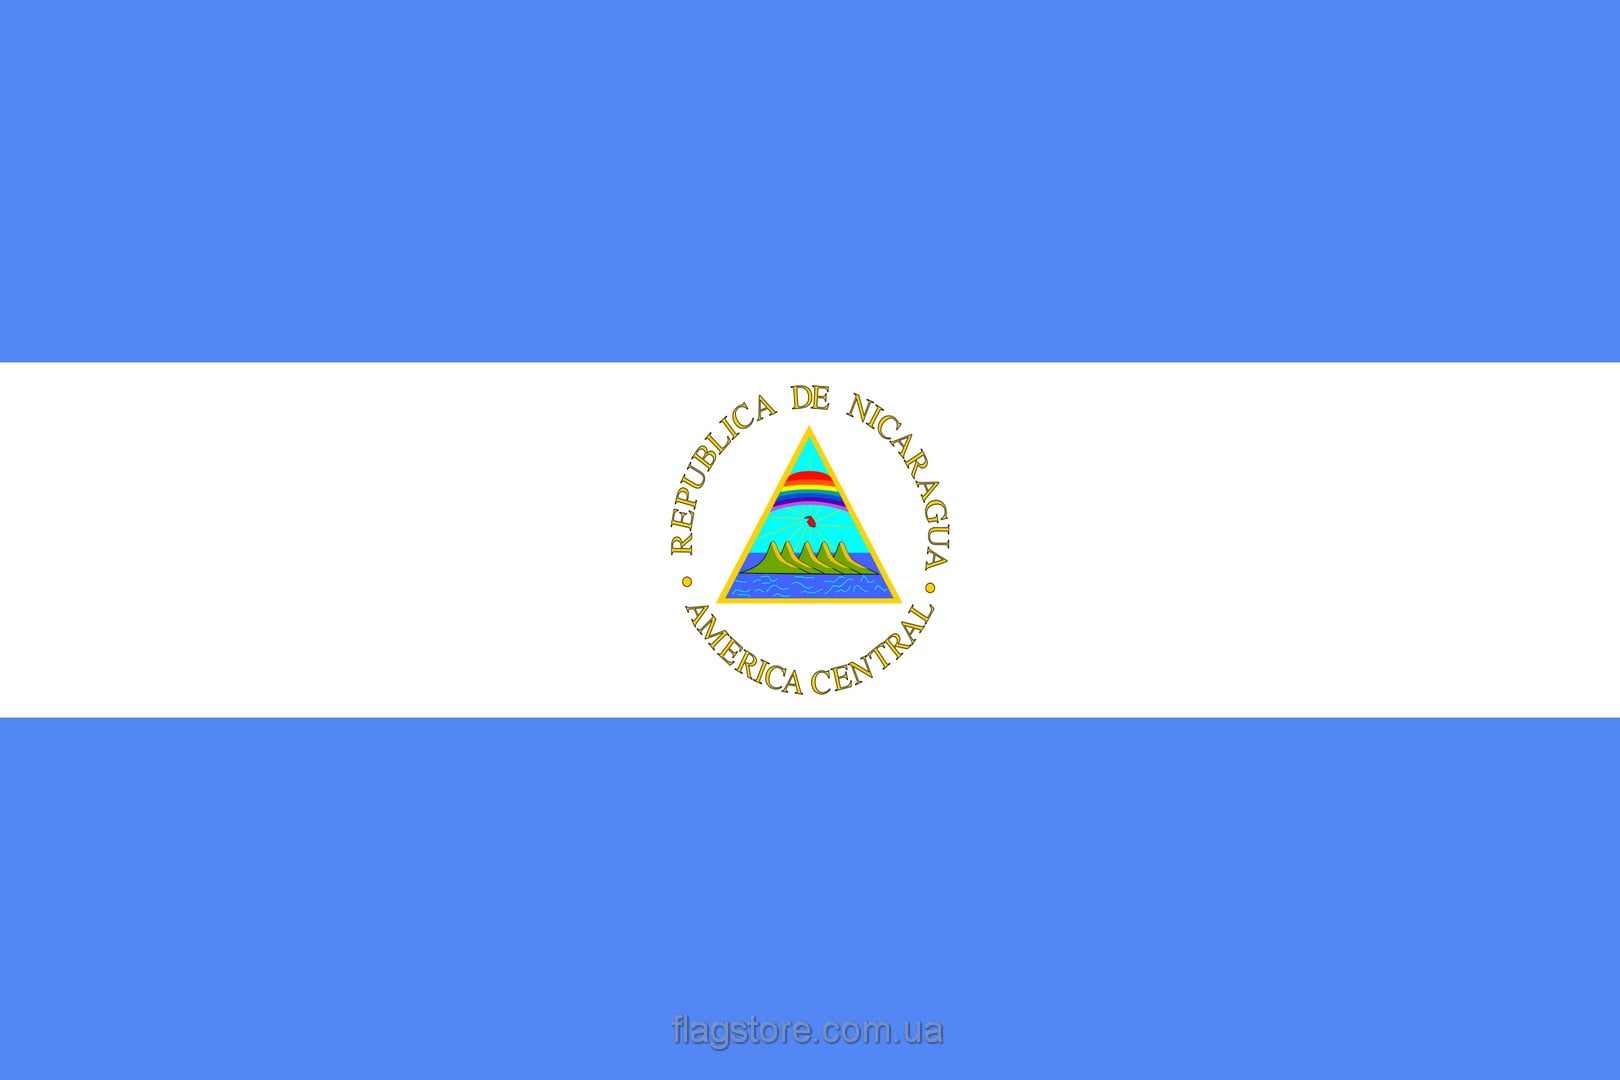 Купить флаг страны Никарагуа